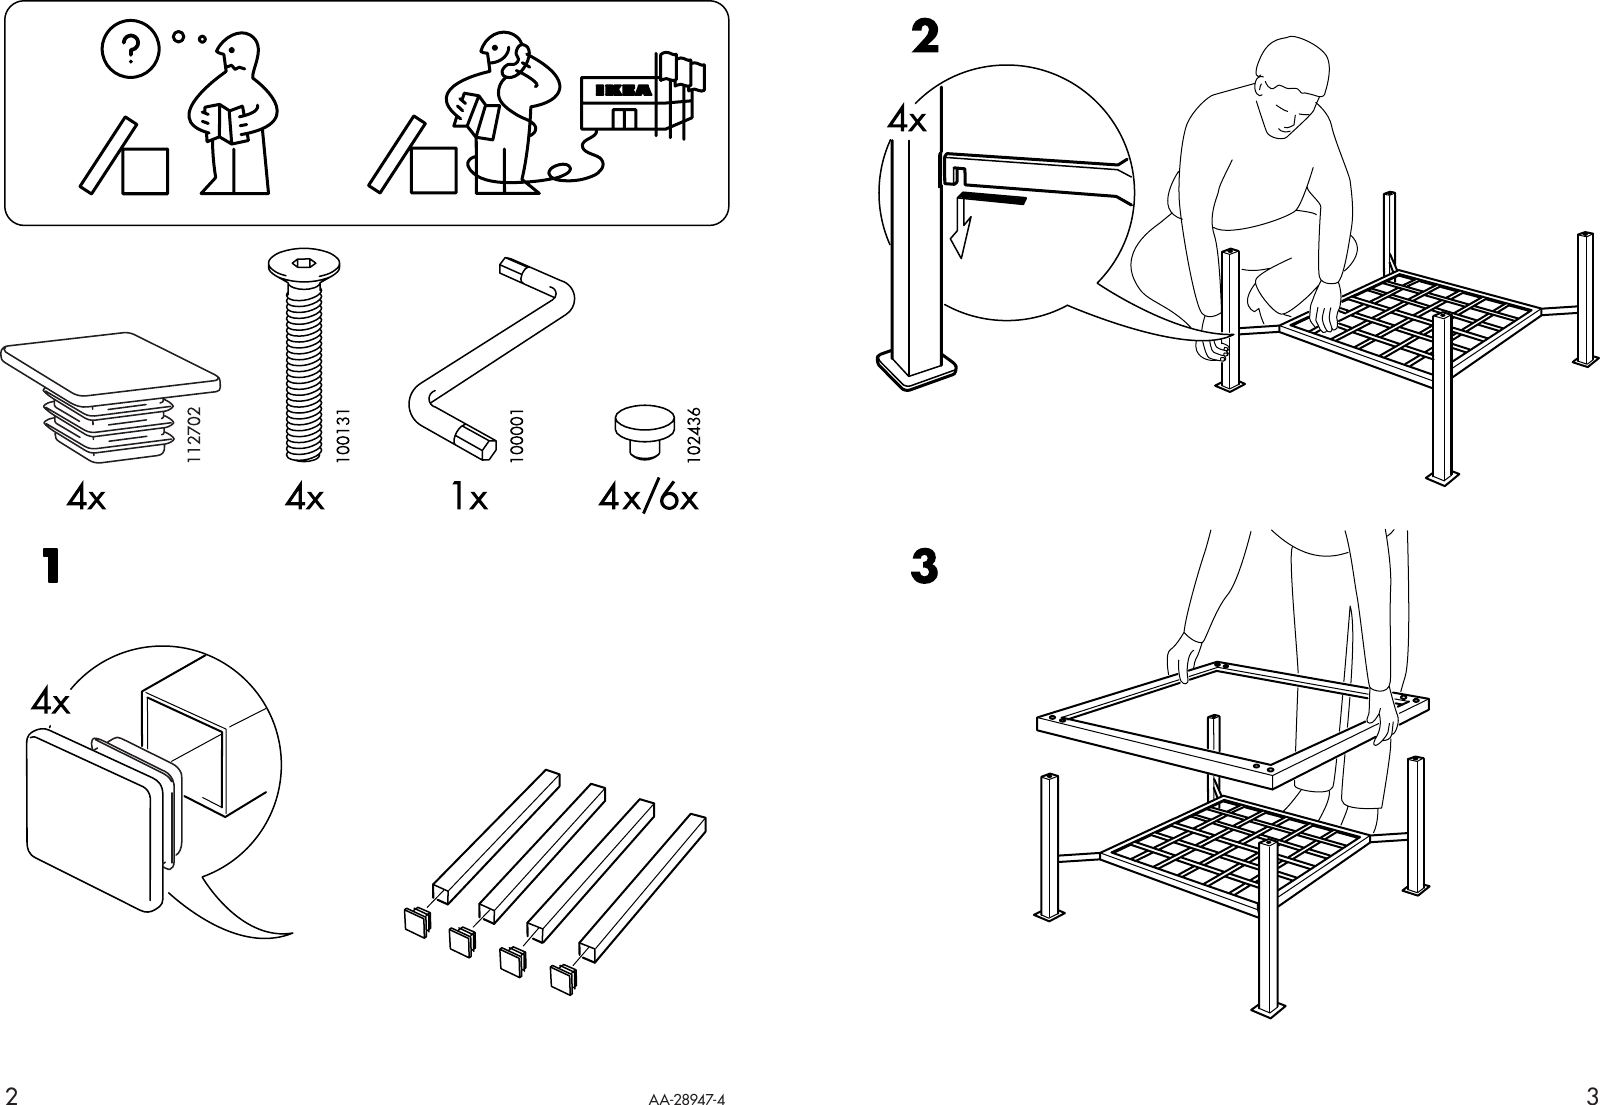 Ikea Granas Coffee Table 47x31 Embly Instruction